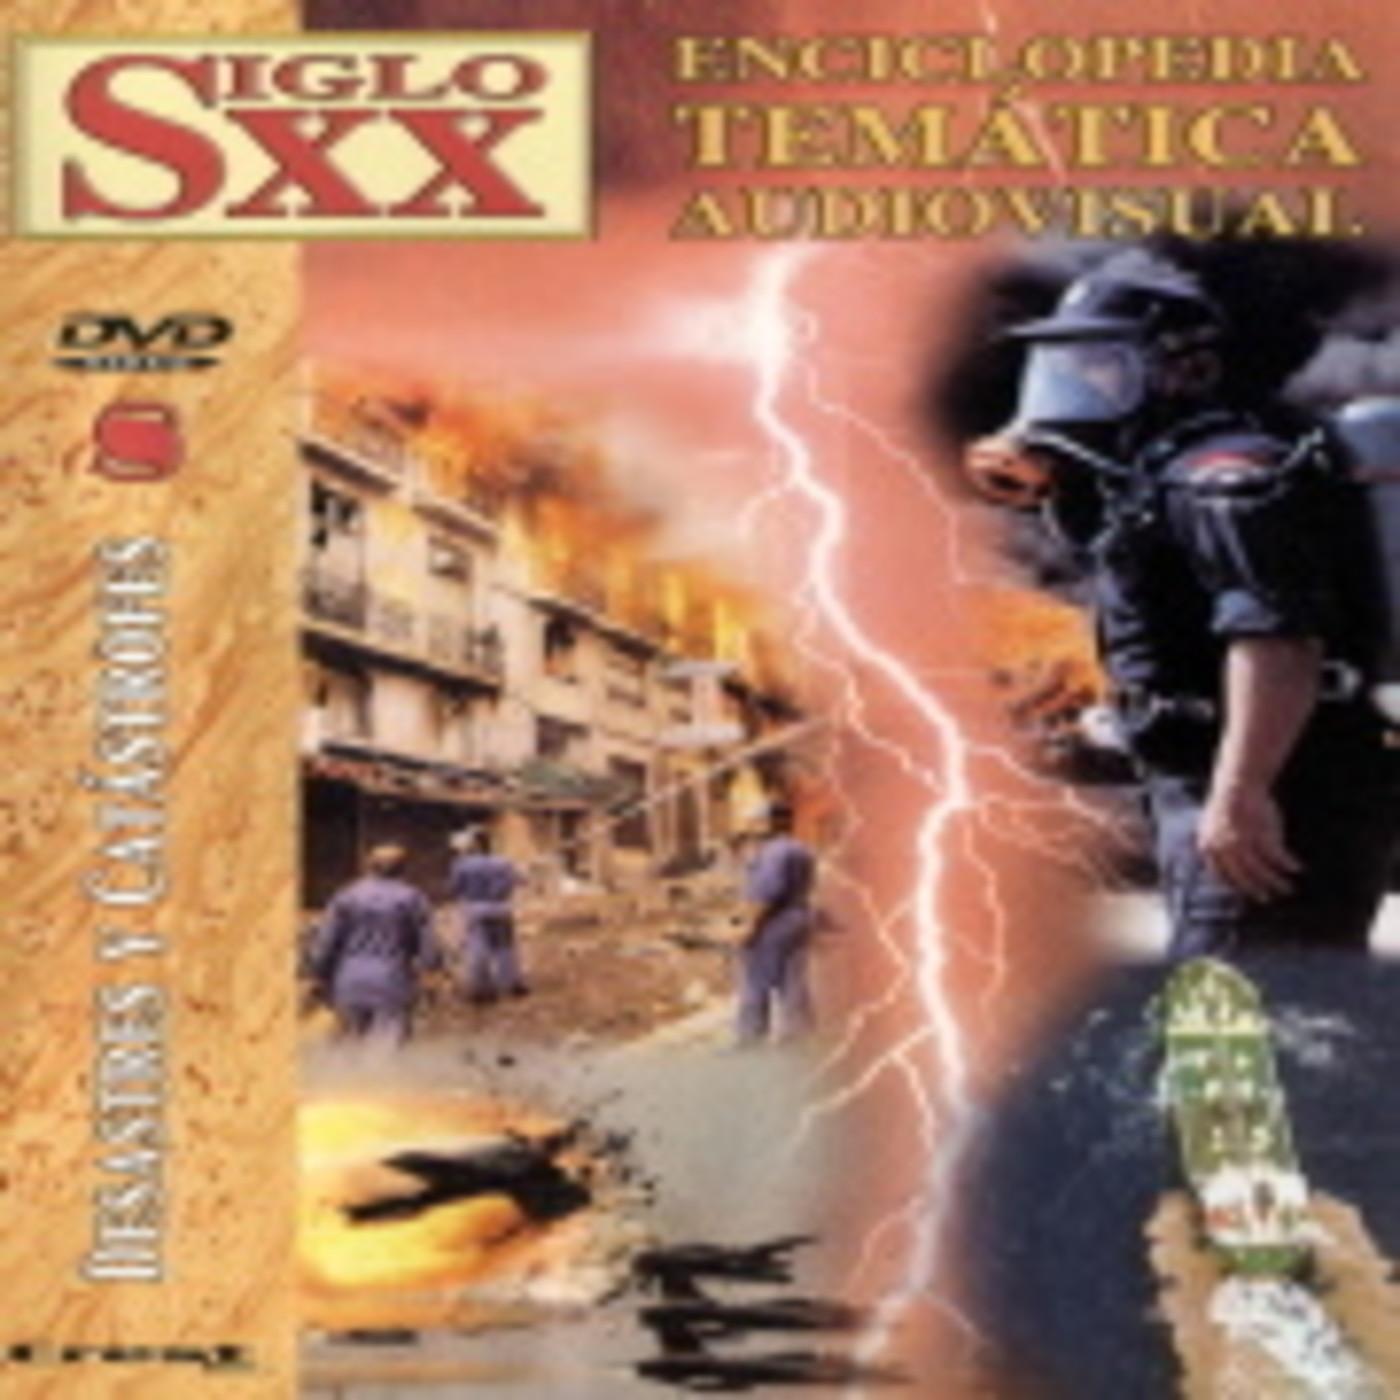 Enciclopedia Temática Audiovisual, Siglo XX - Desastres y catástrofes